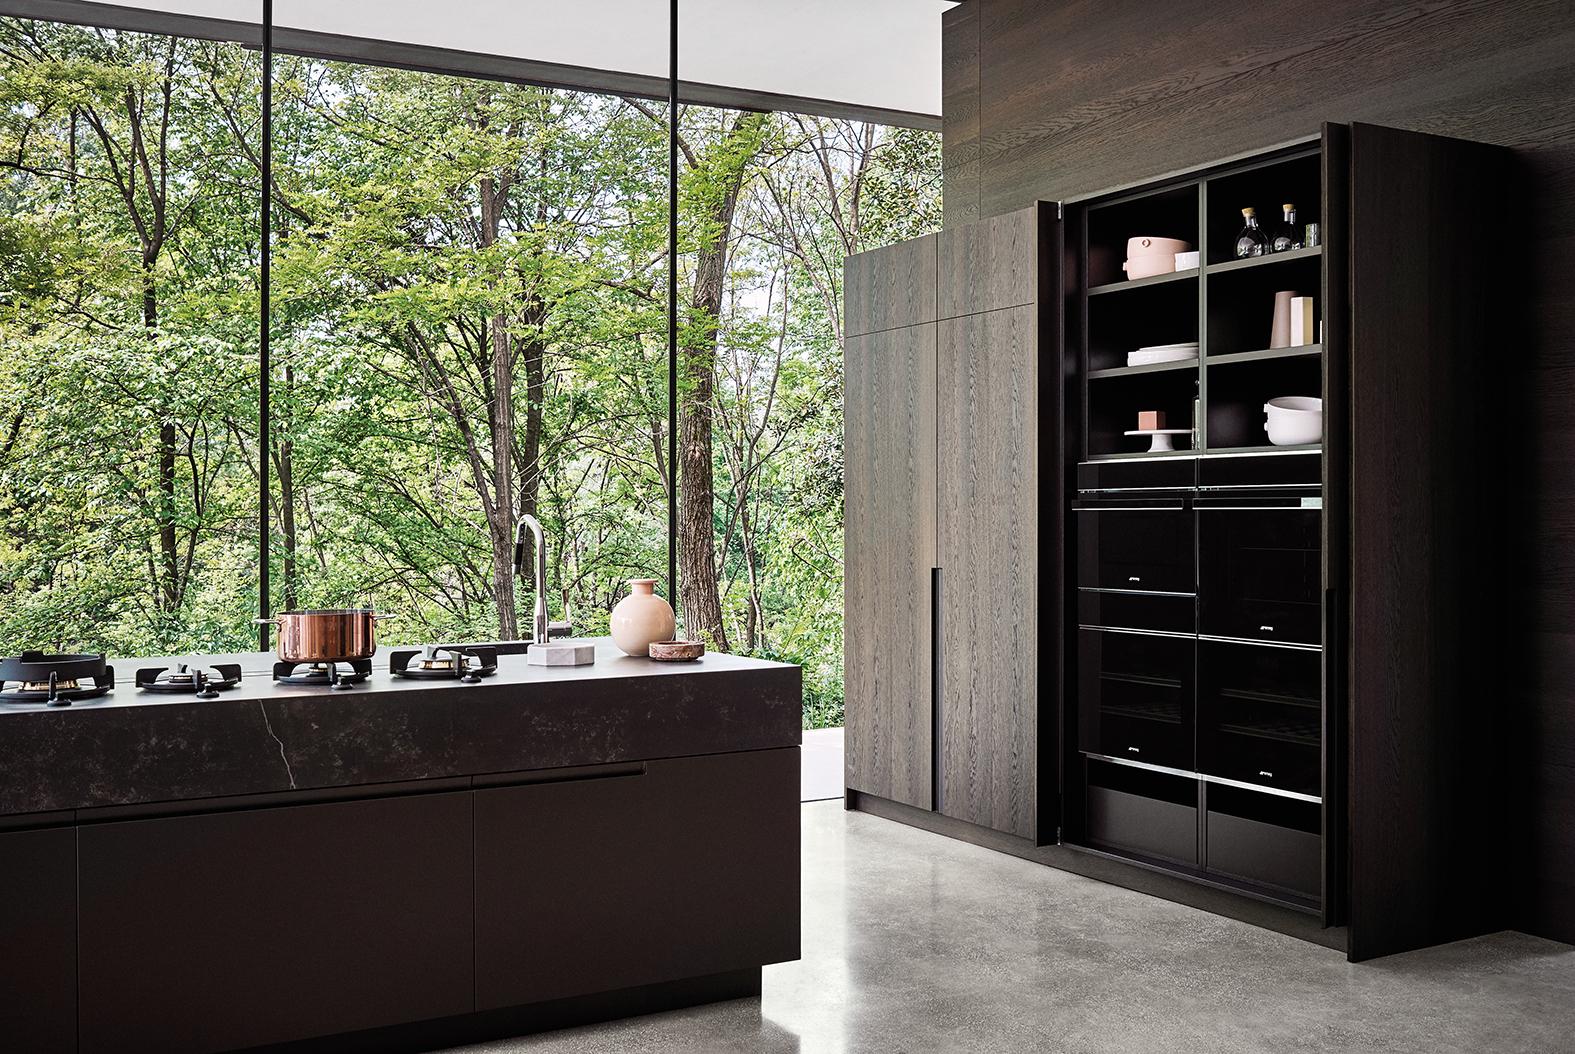 Cesar Maxima 2 2 Kitchen In Oak Cesar Nyc Kitchens Luxury Designer Kitchen Fittings Kitchen Decor Modern Modern Kitchen Design